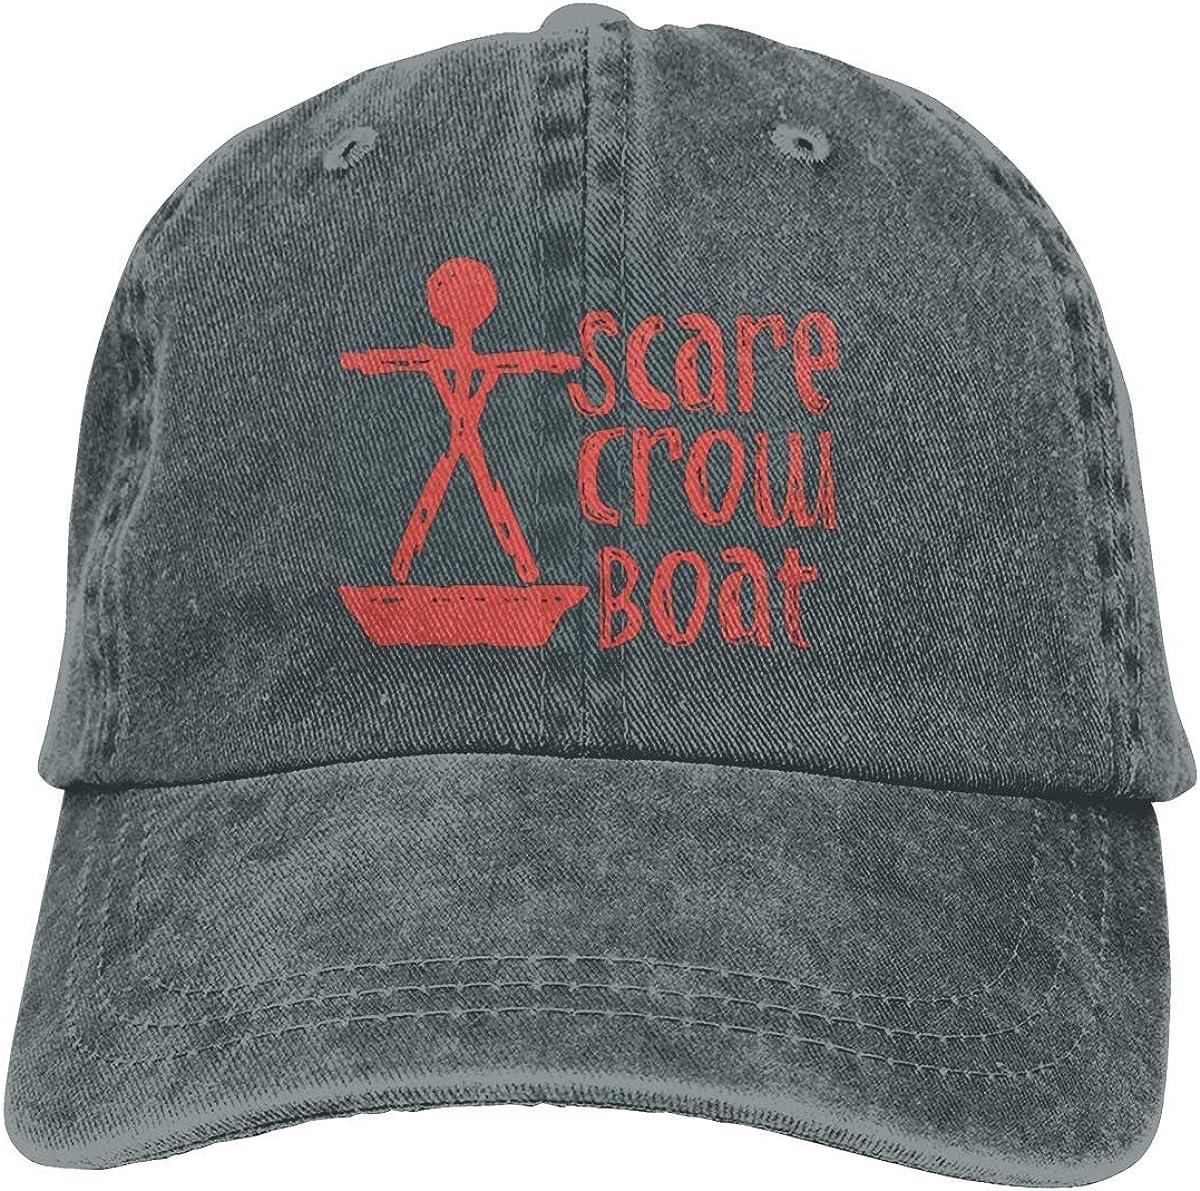 SUJQNGC Men /& Women Cotton Adjustable Cowboy Hat